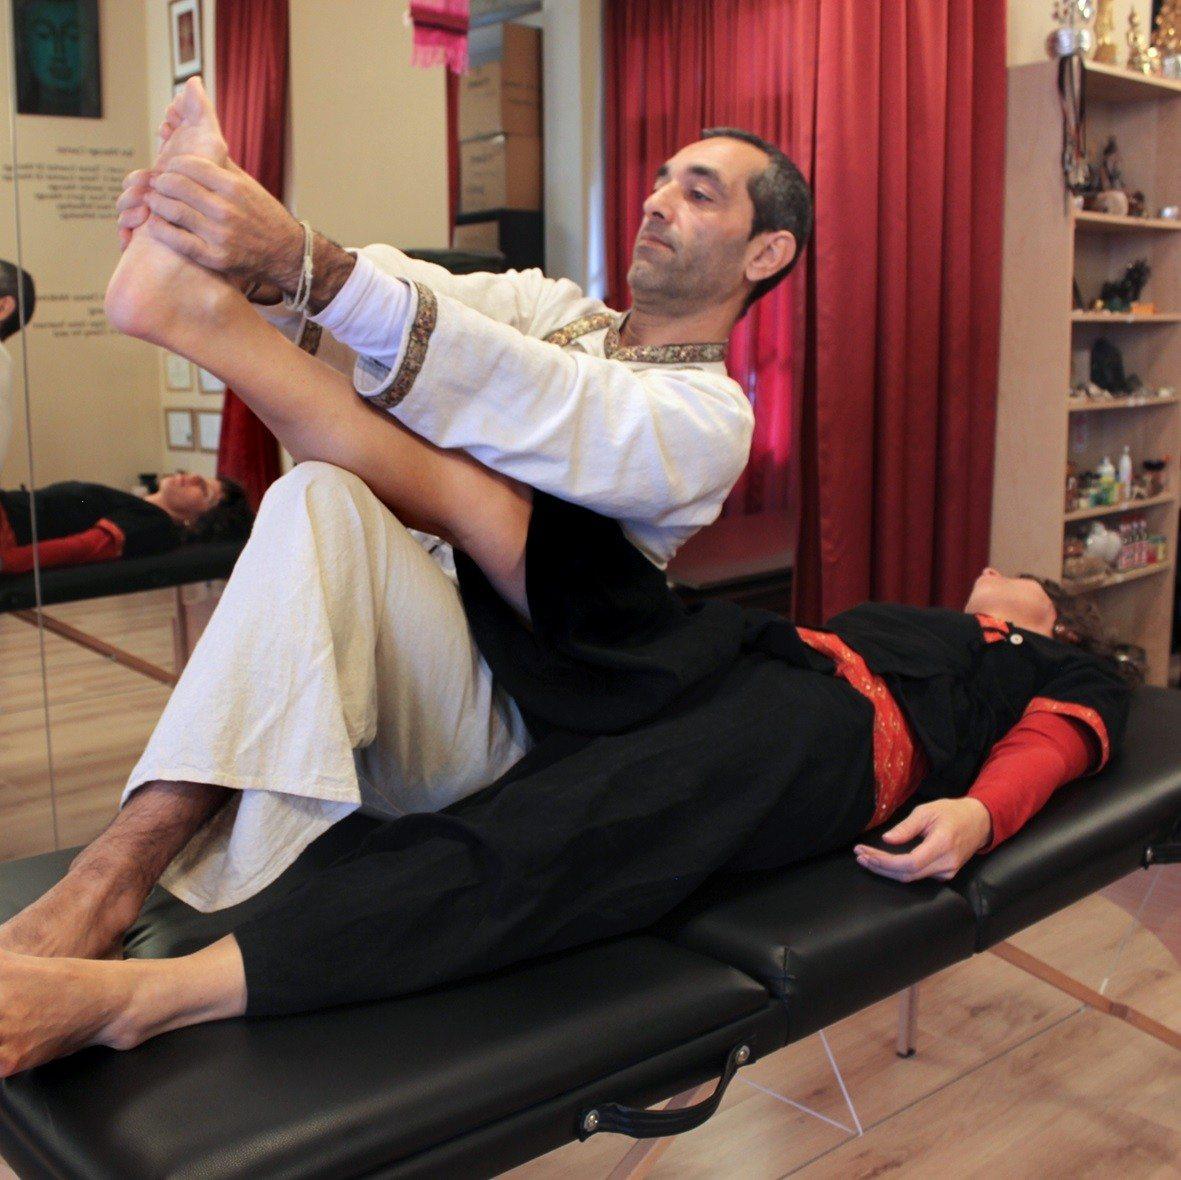 thuisontvangst amsterdam erotische massage workshop